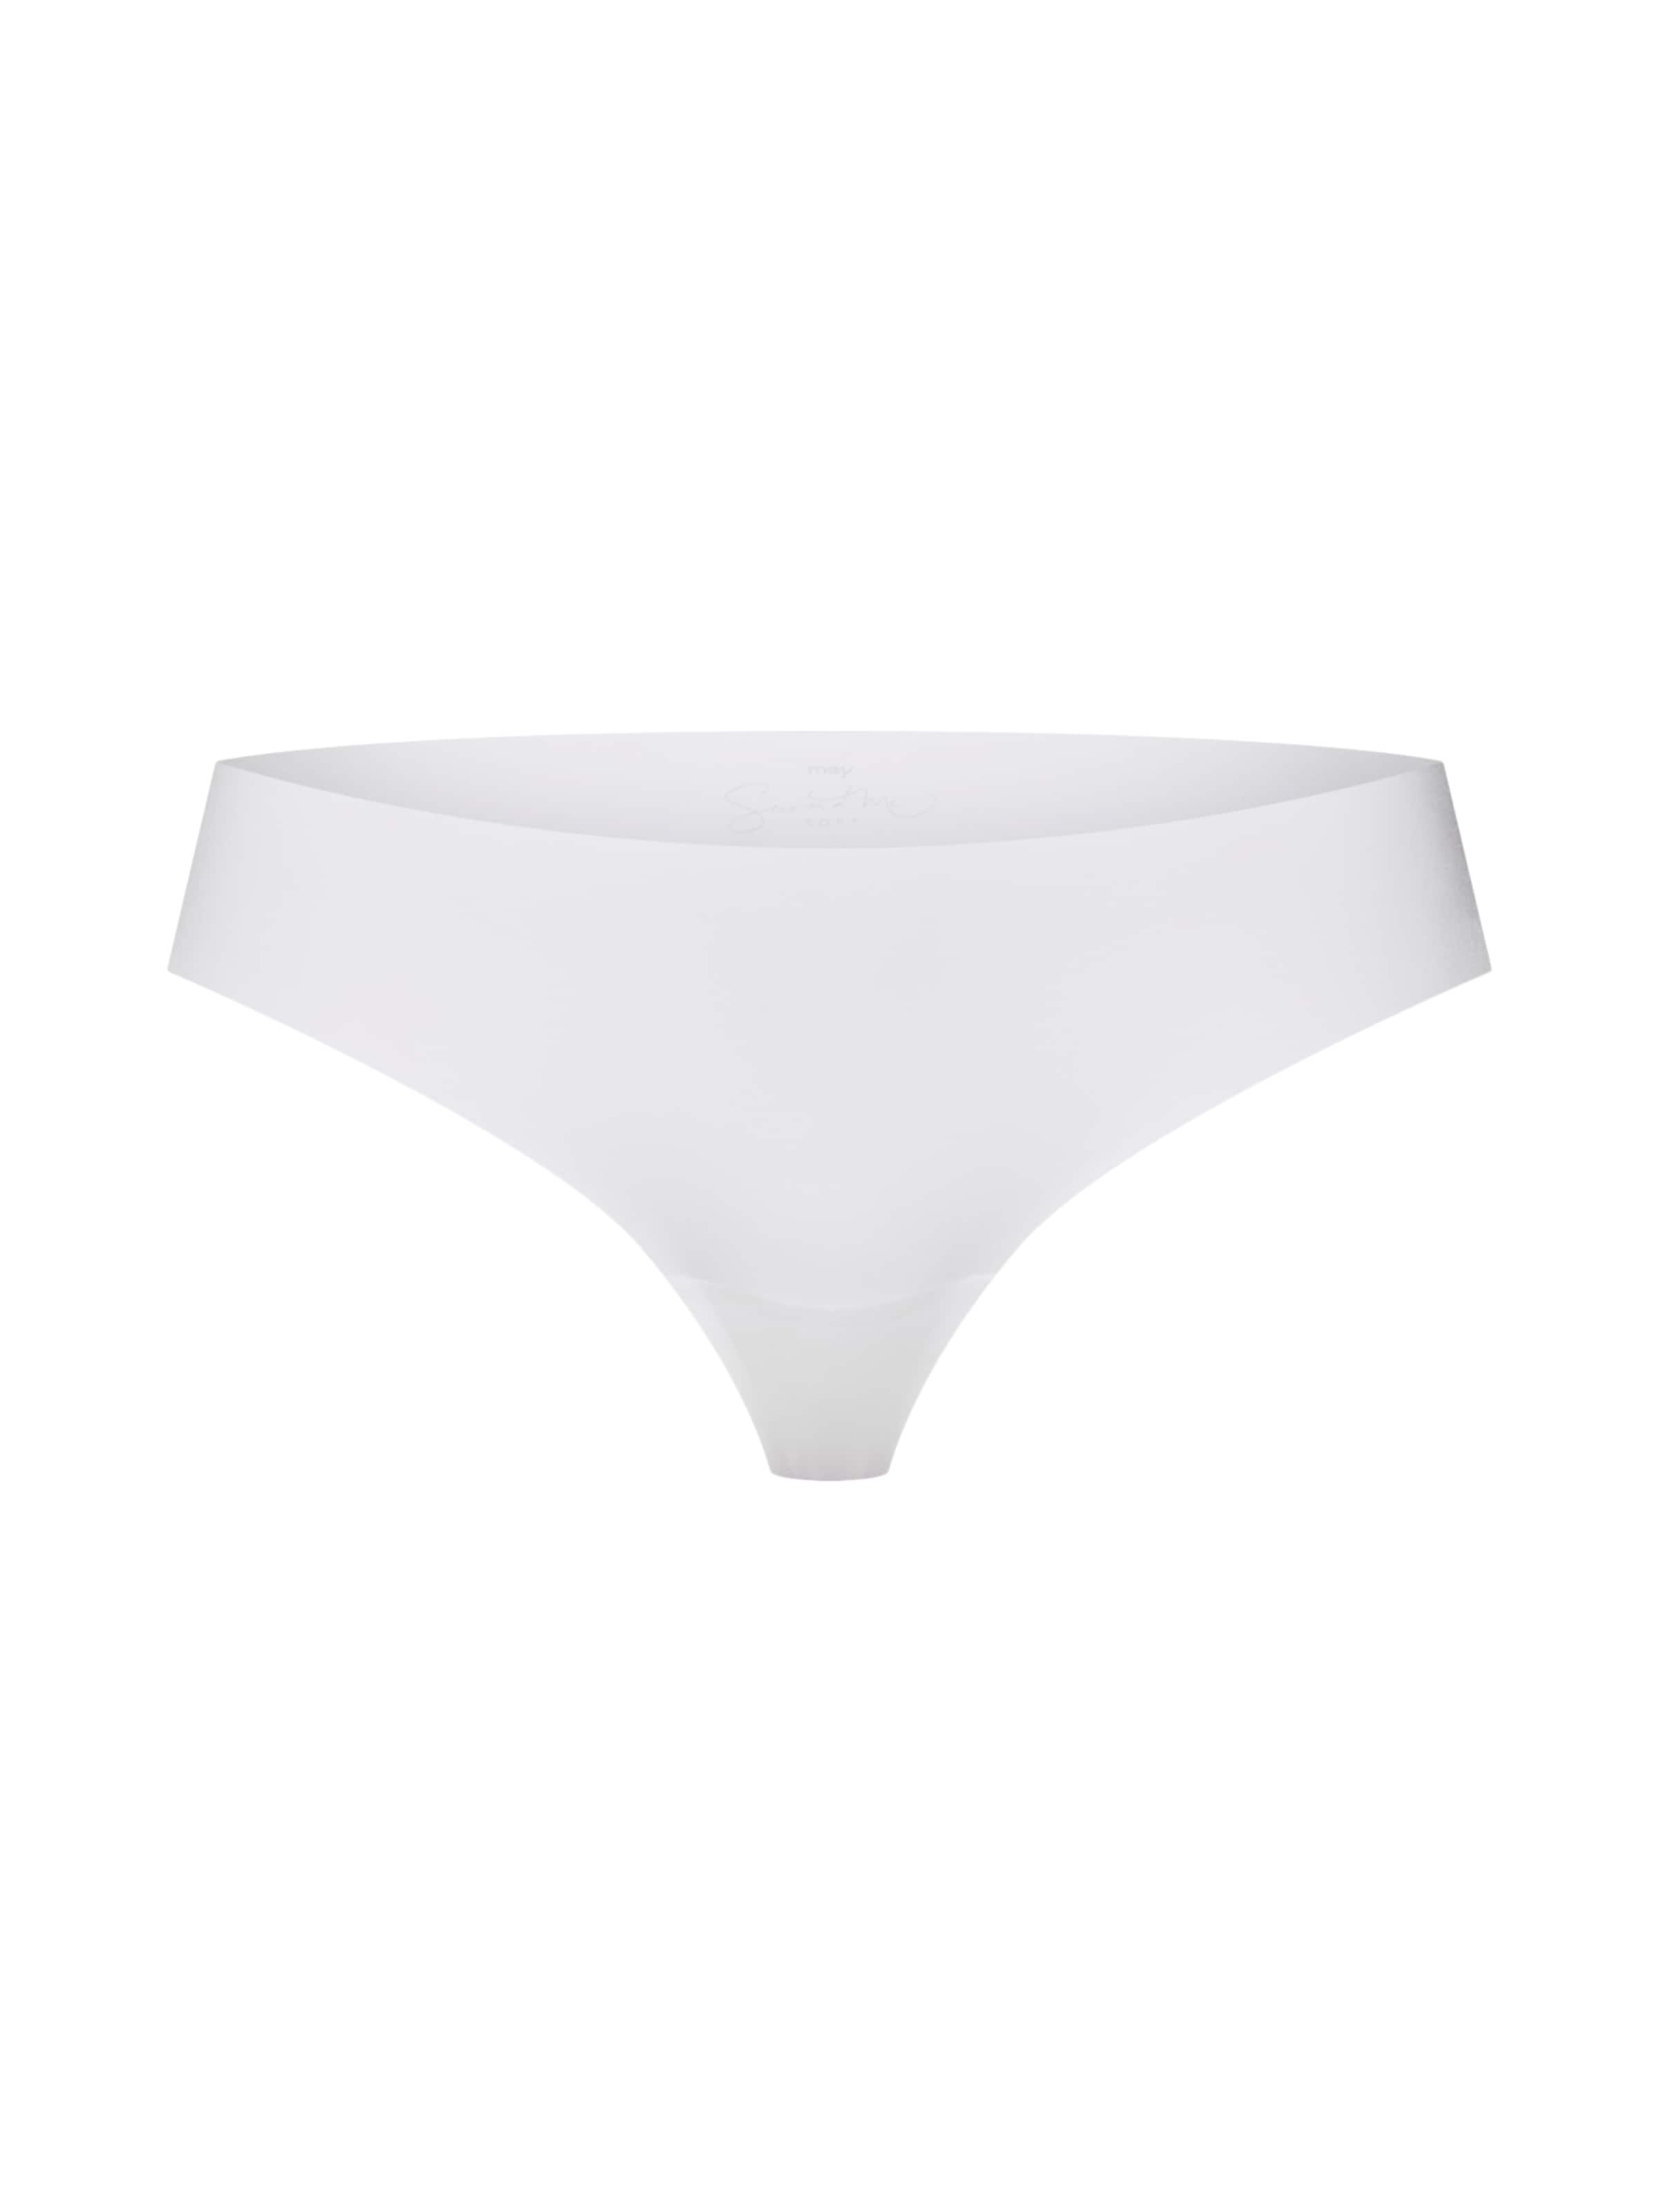 'mey Mey String Me' En Second Blanc Soft xeWrdCoQB